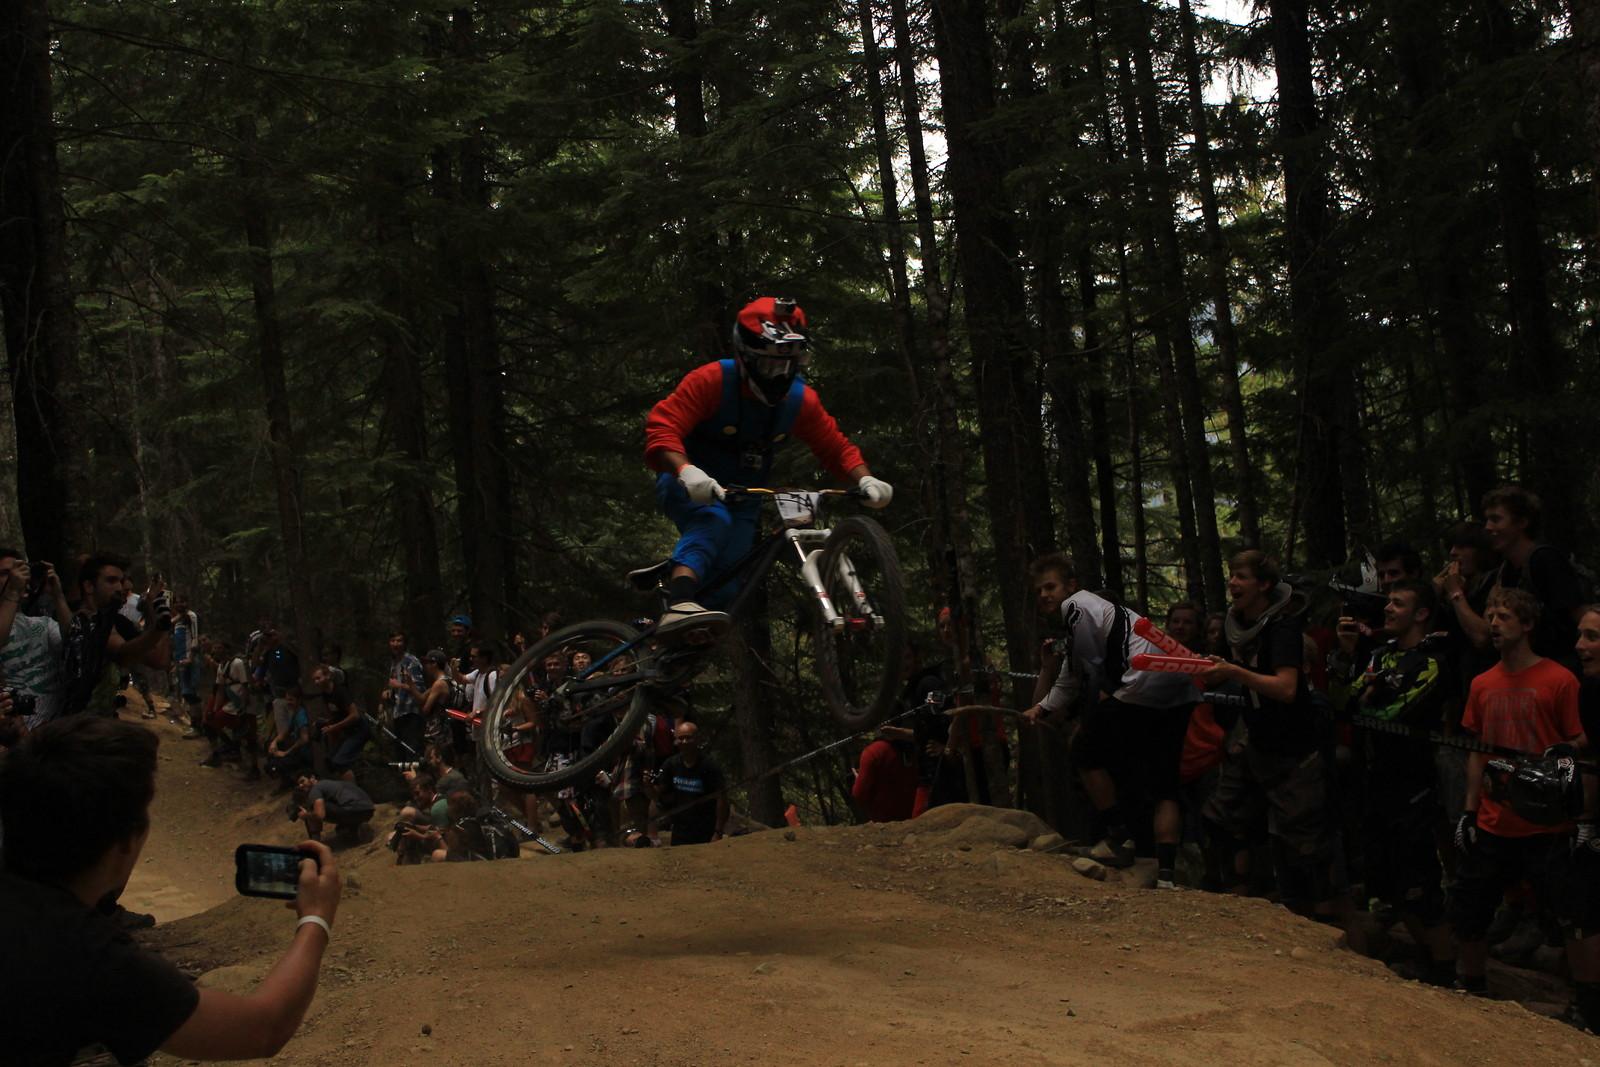 Mario - el_guapo_goro - Mountain Biking Pictures - Vital MTB